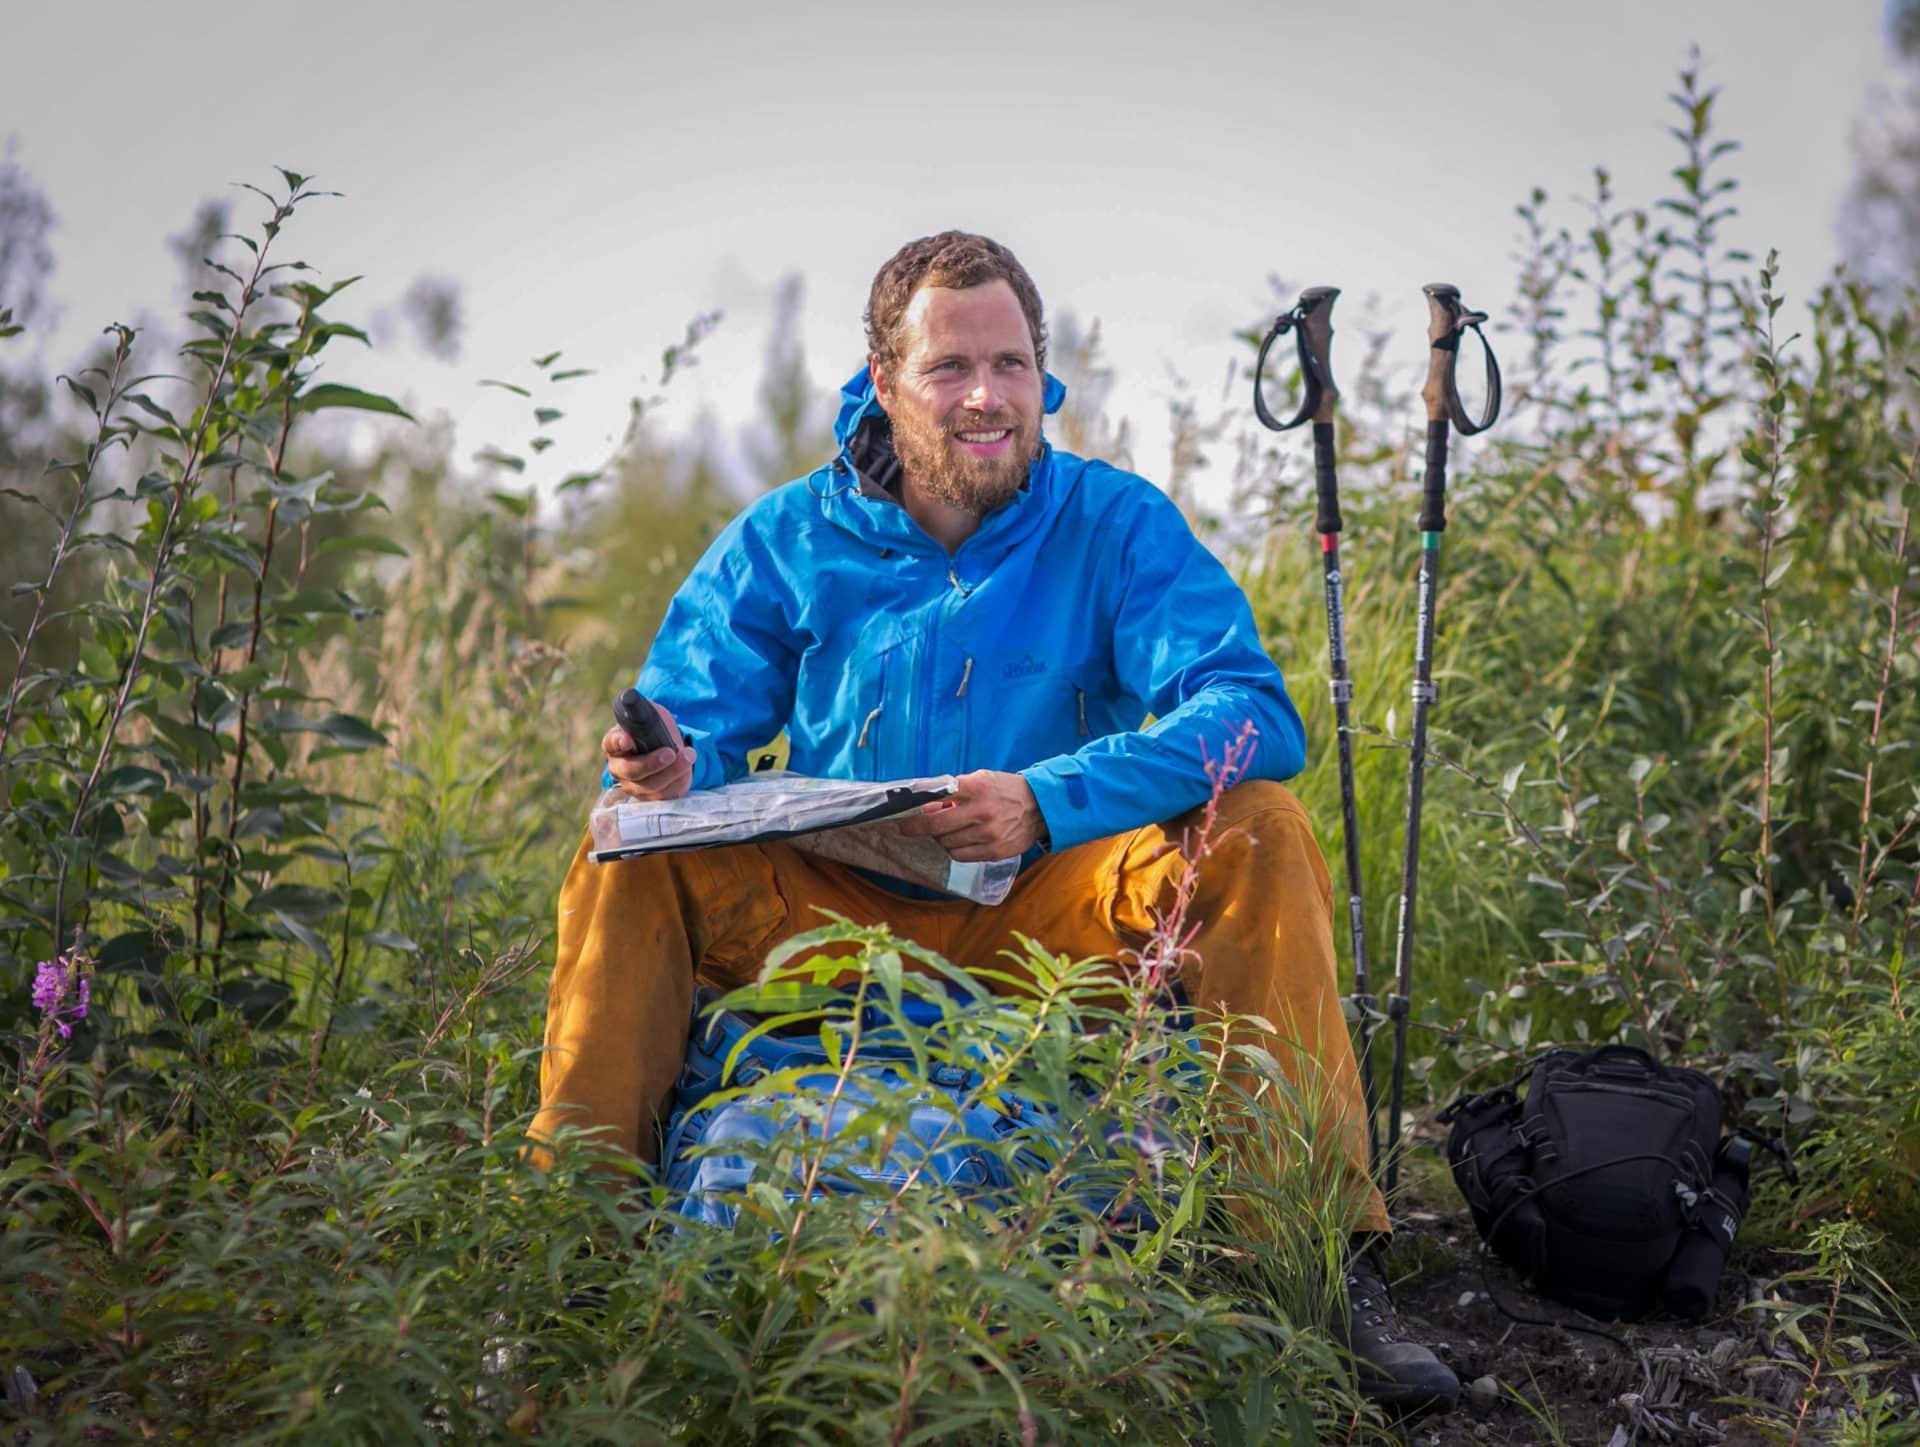 Valg af rygsæk, vandre, fjeldet eller vinter, Erik B. Jørgensen, pause tid til at se på kort og GPS, Alaska å tværs